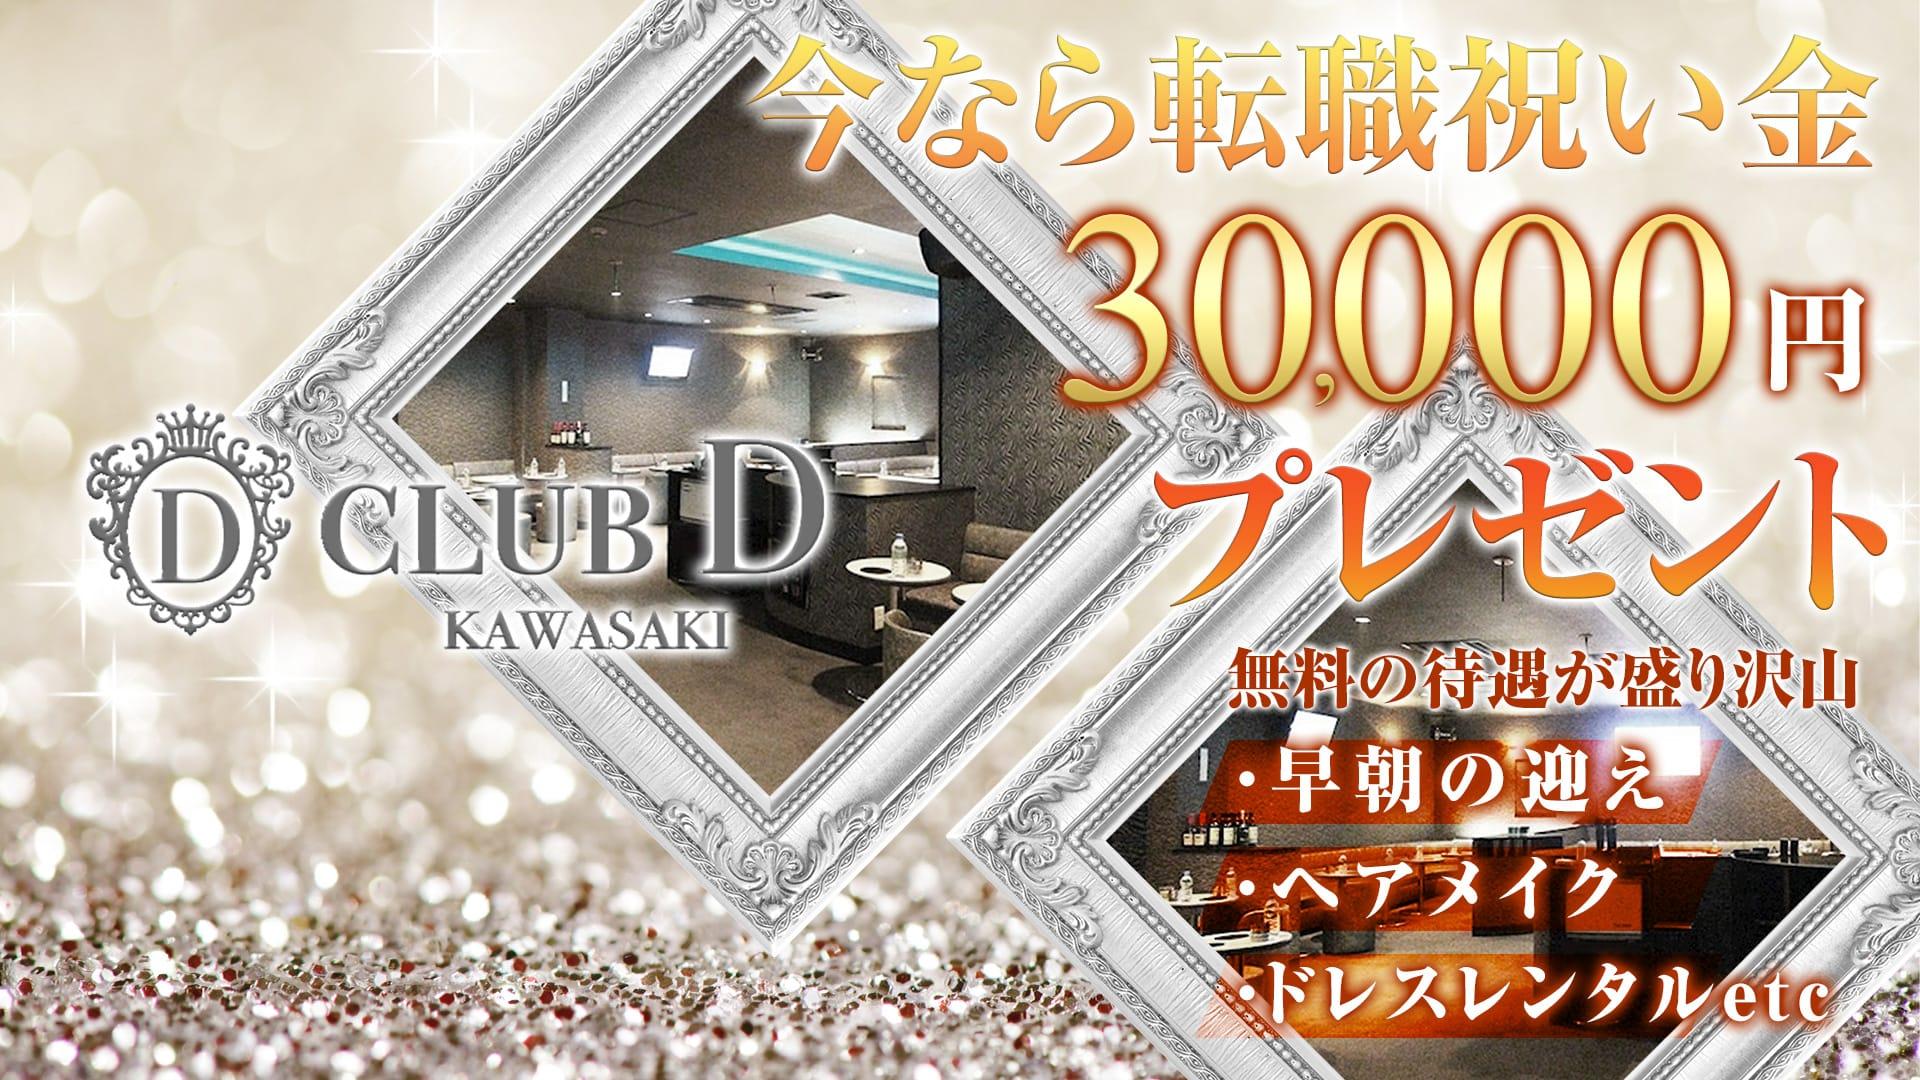 CLUB D (ディー) 川崎昼キャバ・朝キャバ TOP画像